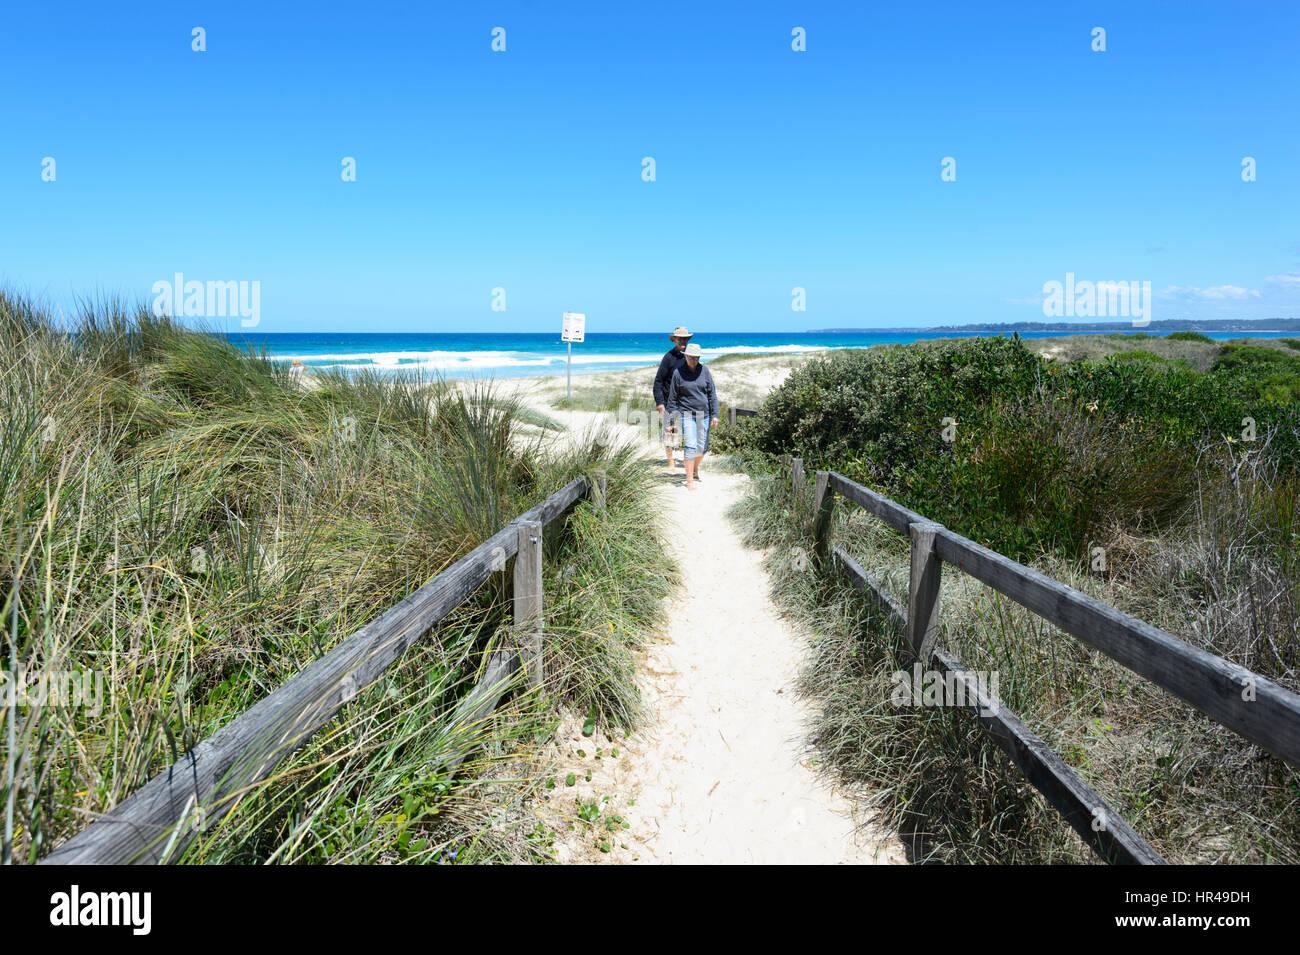 Zwei Personen zu Fuß auf dem Weg zum Conjola Strand, Shoalhaven, South Coast, New-South.Wales, NSW, Australien Stockfoto